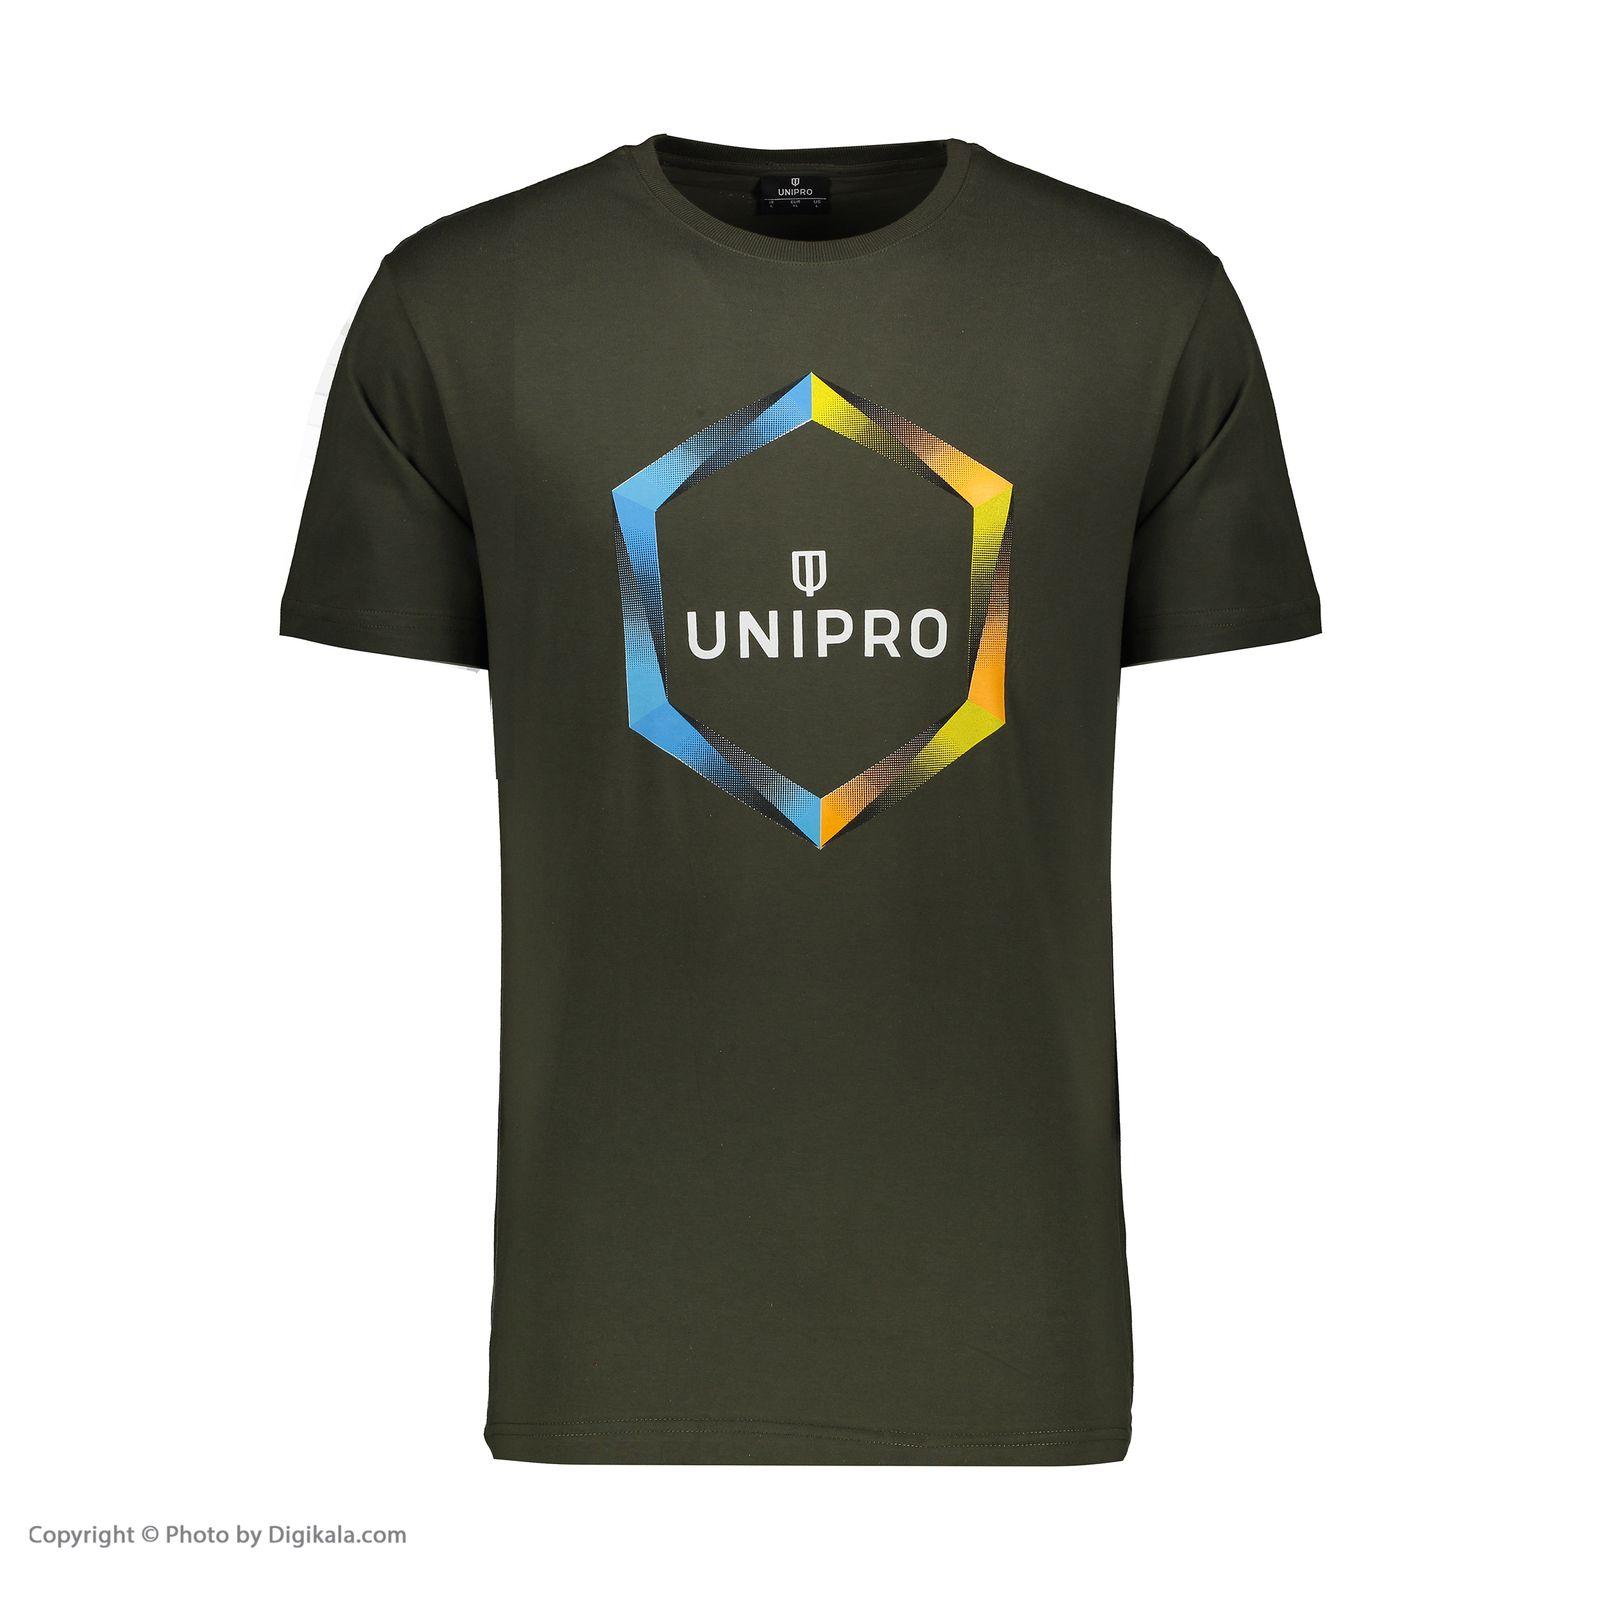 تی شرت ورزشی مردانه یونی پرو مدل 914119305-60 -  - 2